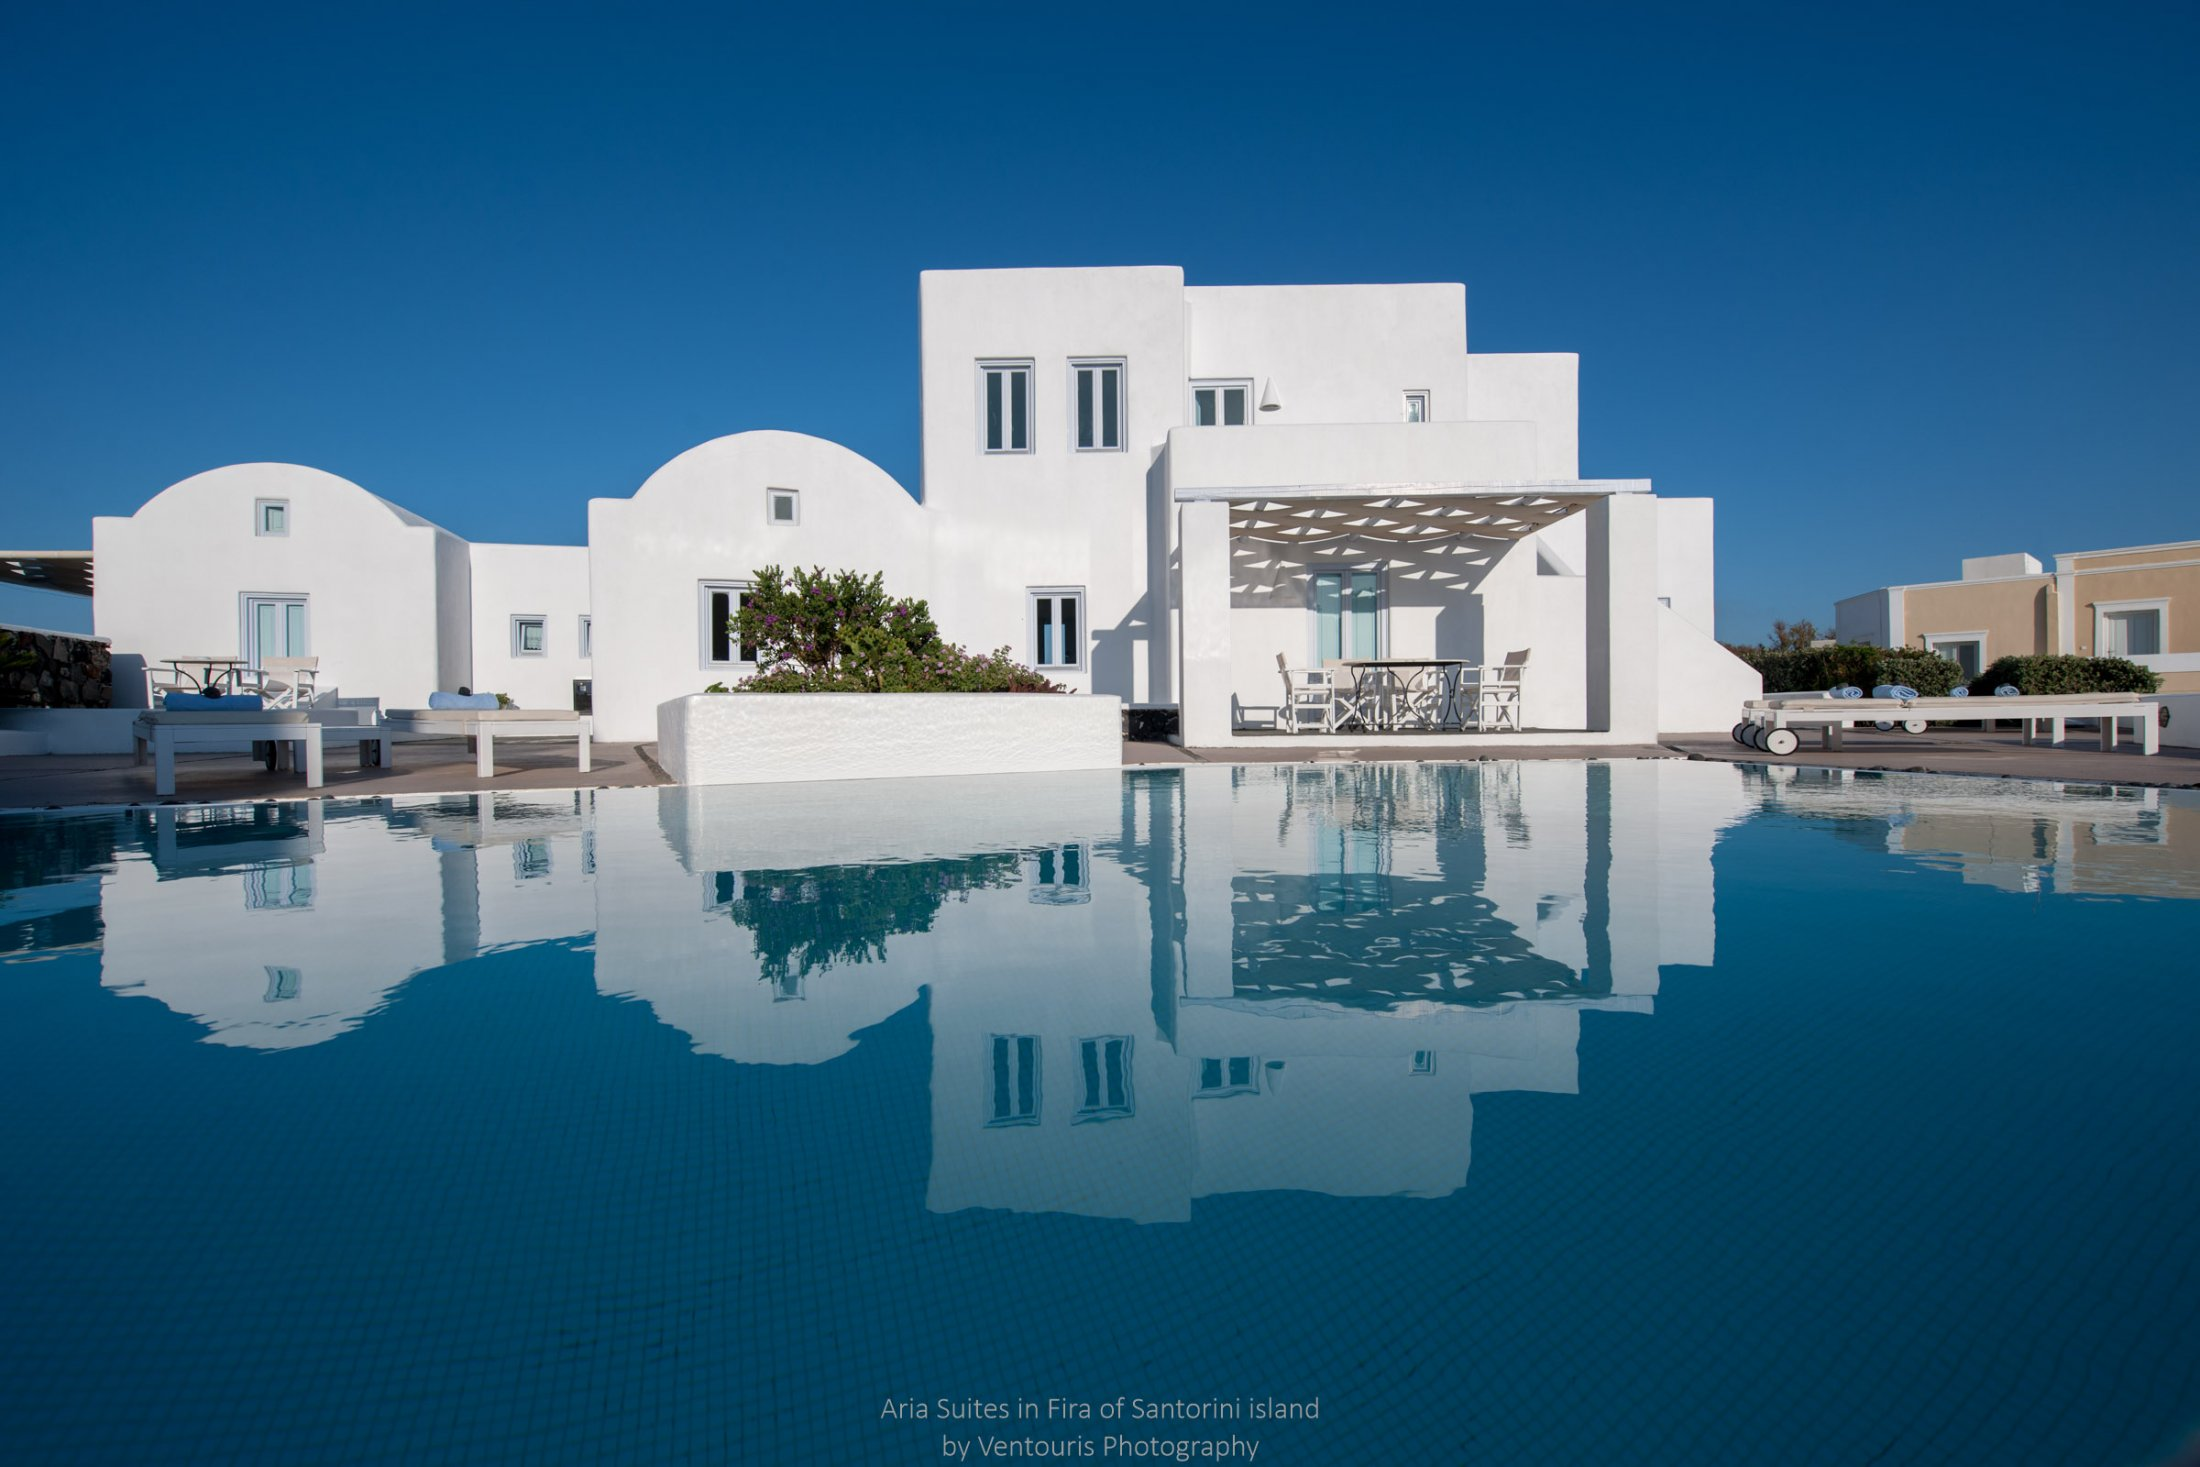 Aria Suites in Fira of Santorini 2016